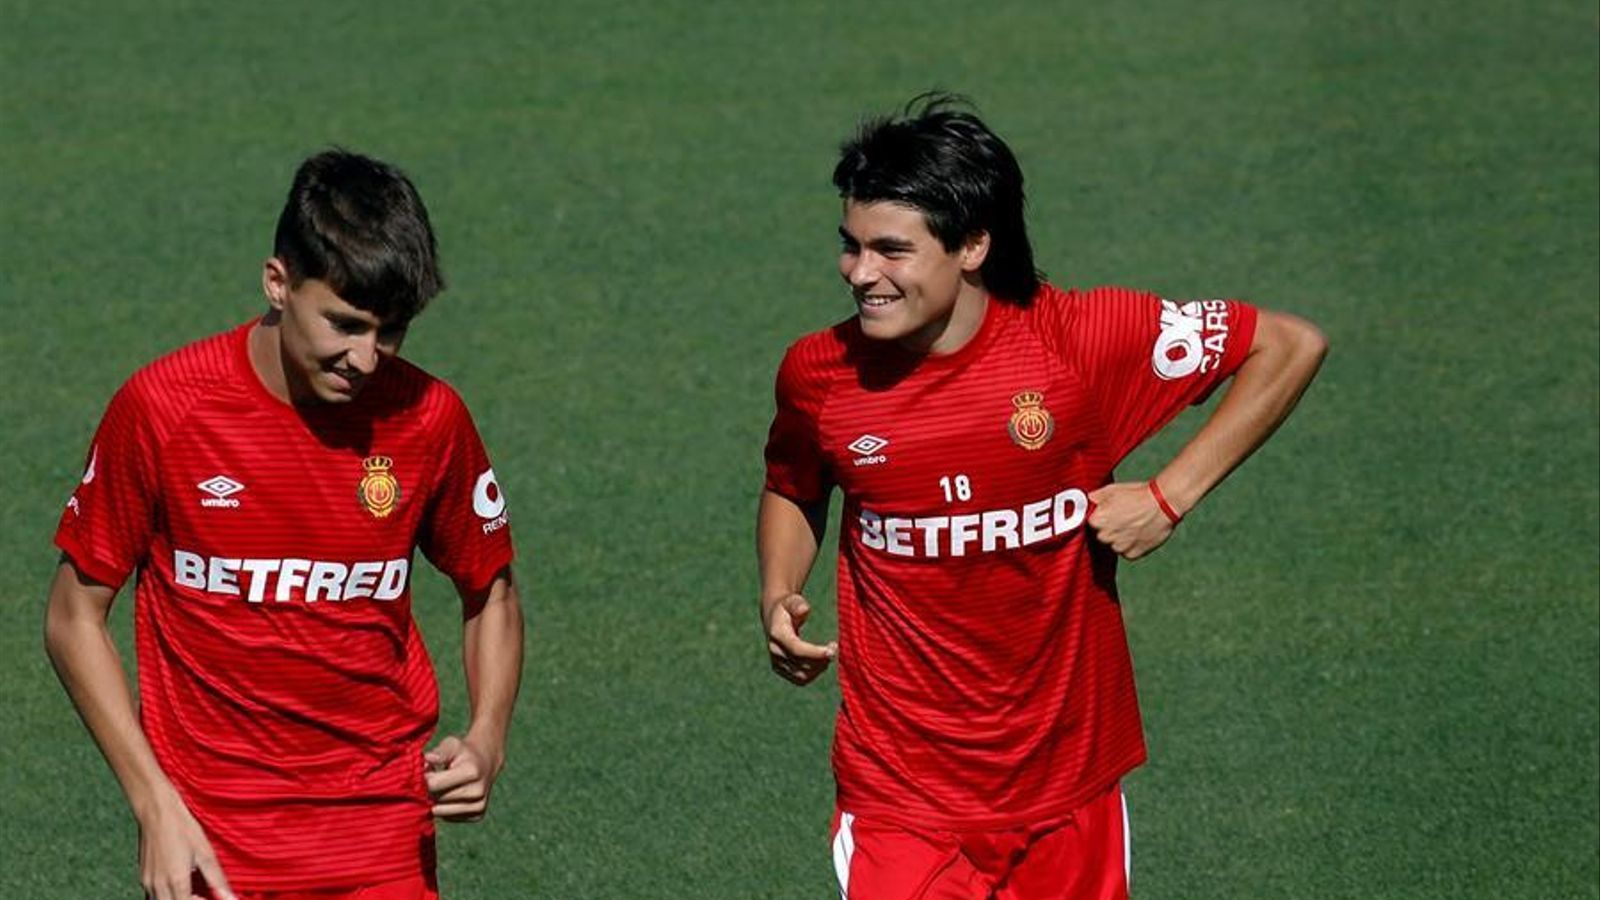 Quan la joia de la corona només té 15 anys: Luka Romero, el nou Messi?